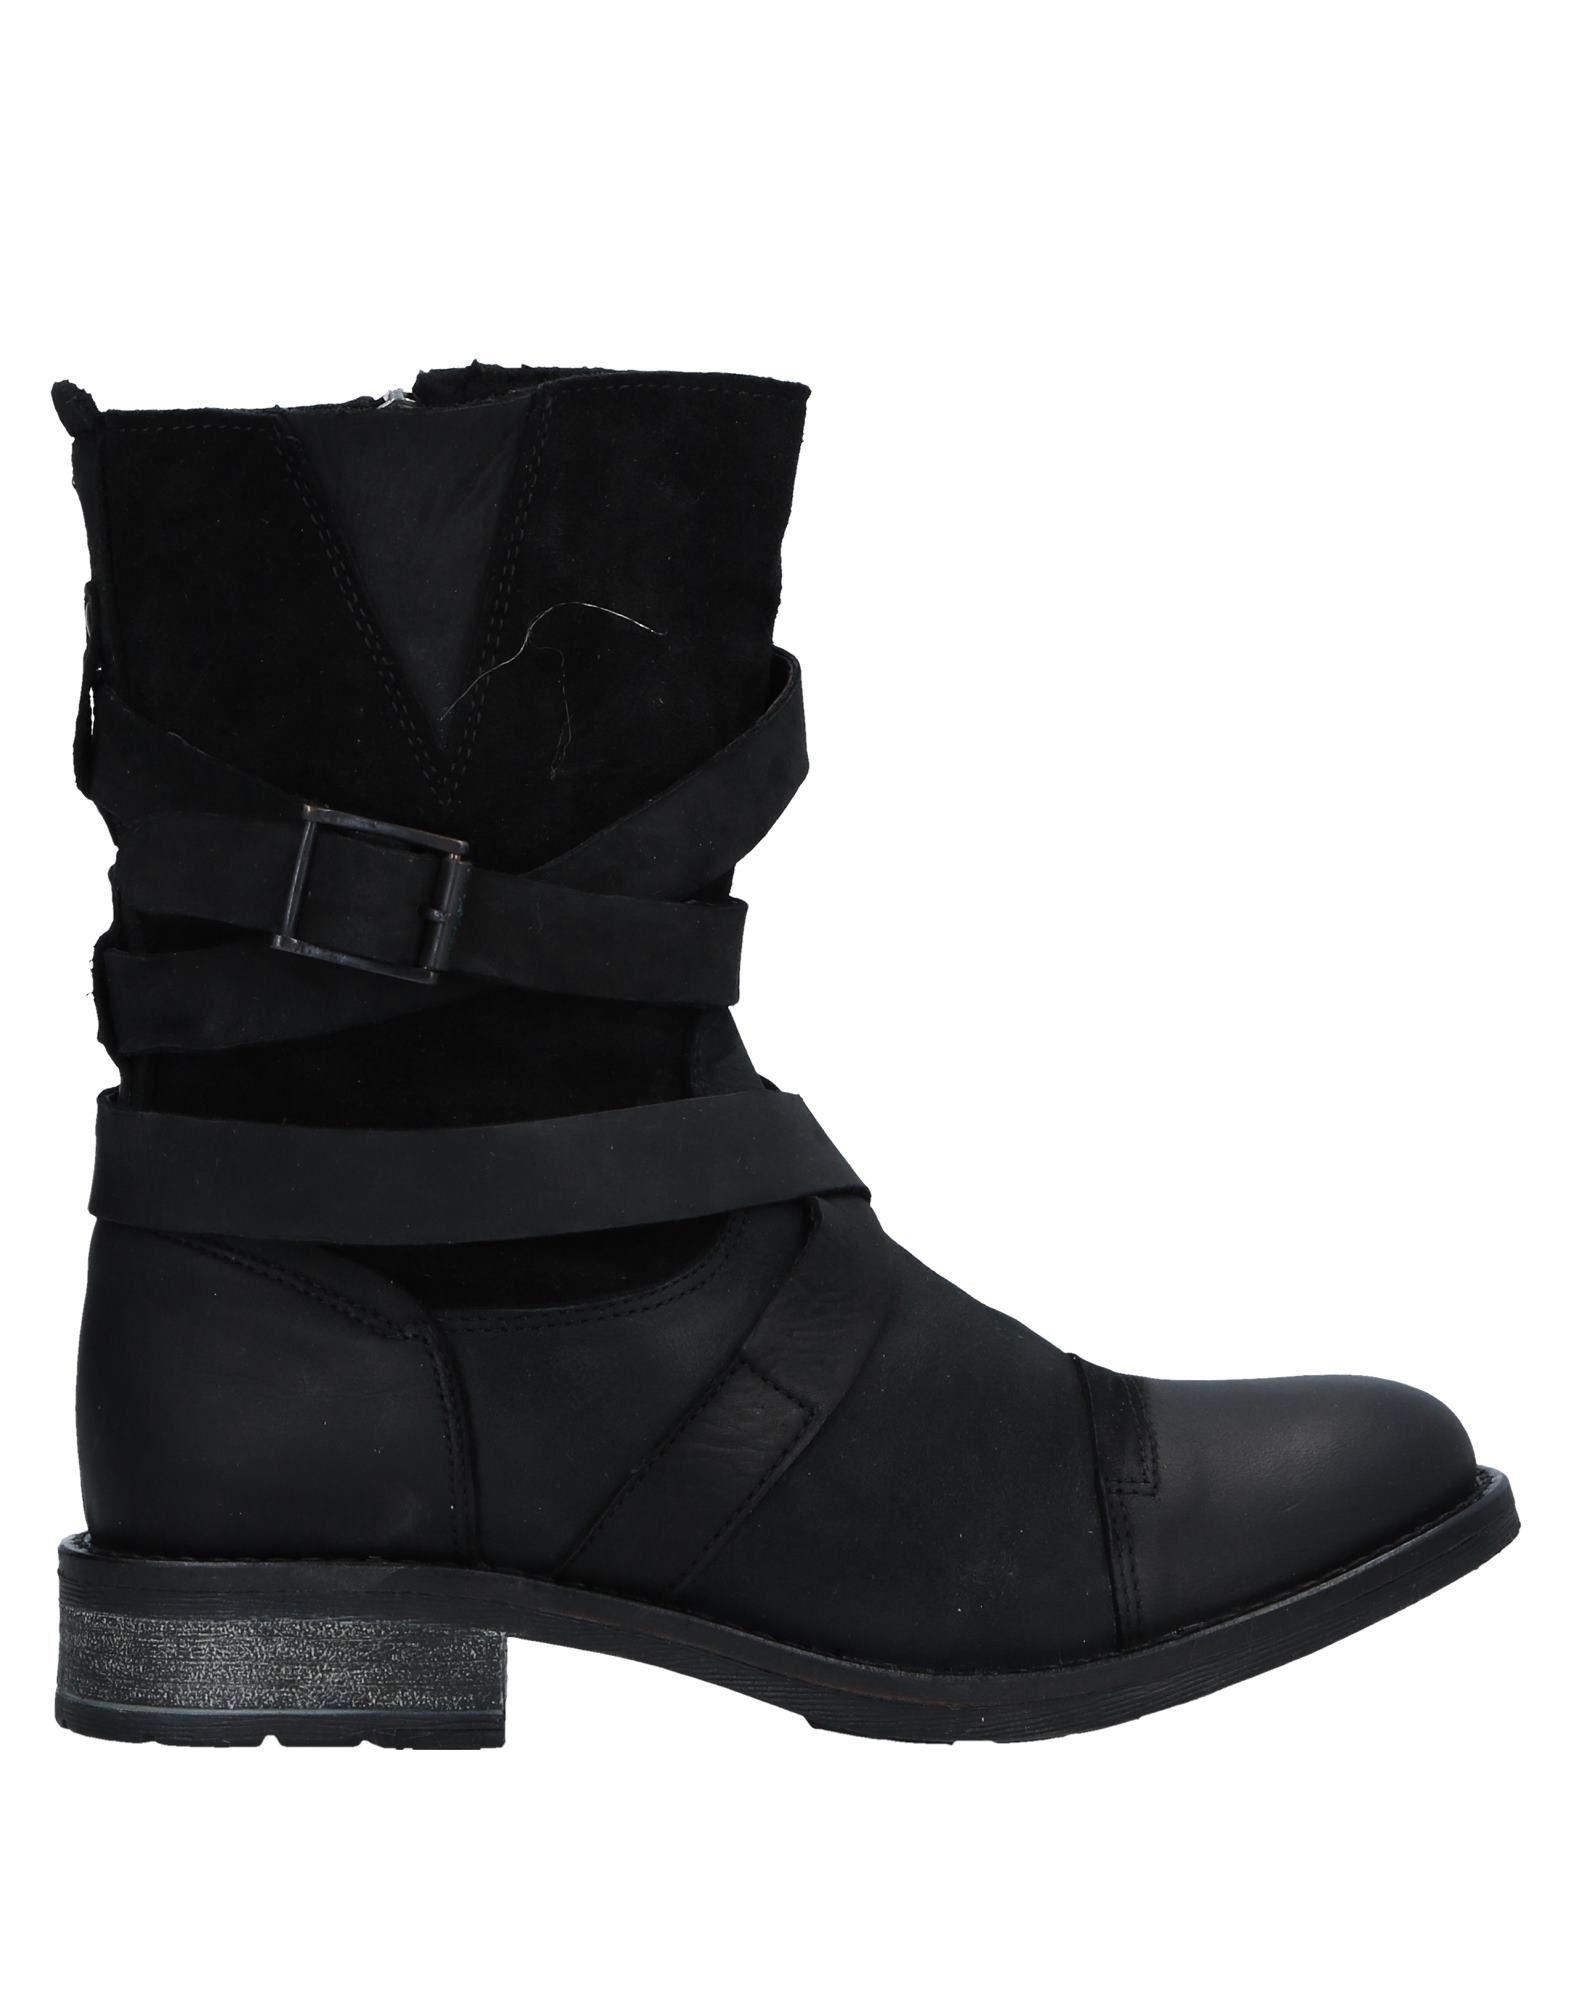 Mdk Stiefelette Damen  11537950JD Gute Qualität beliebte Schuhe